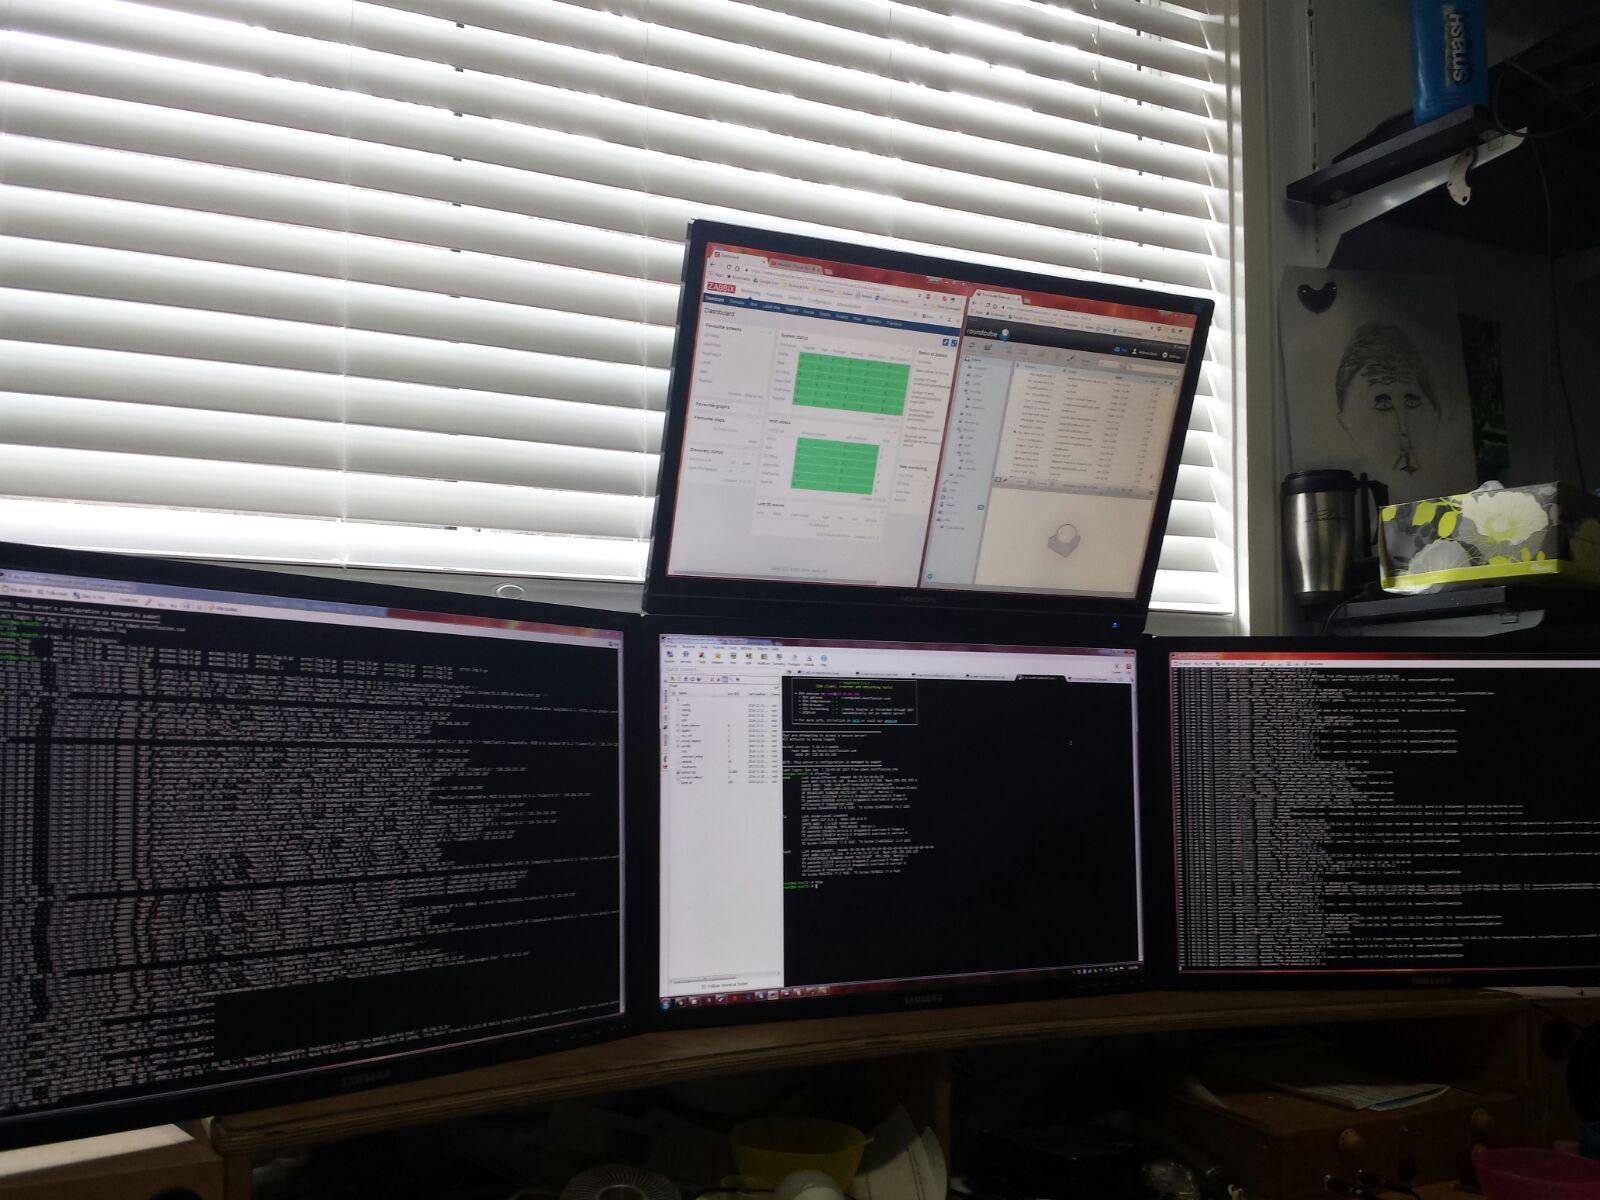 extra monitor